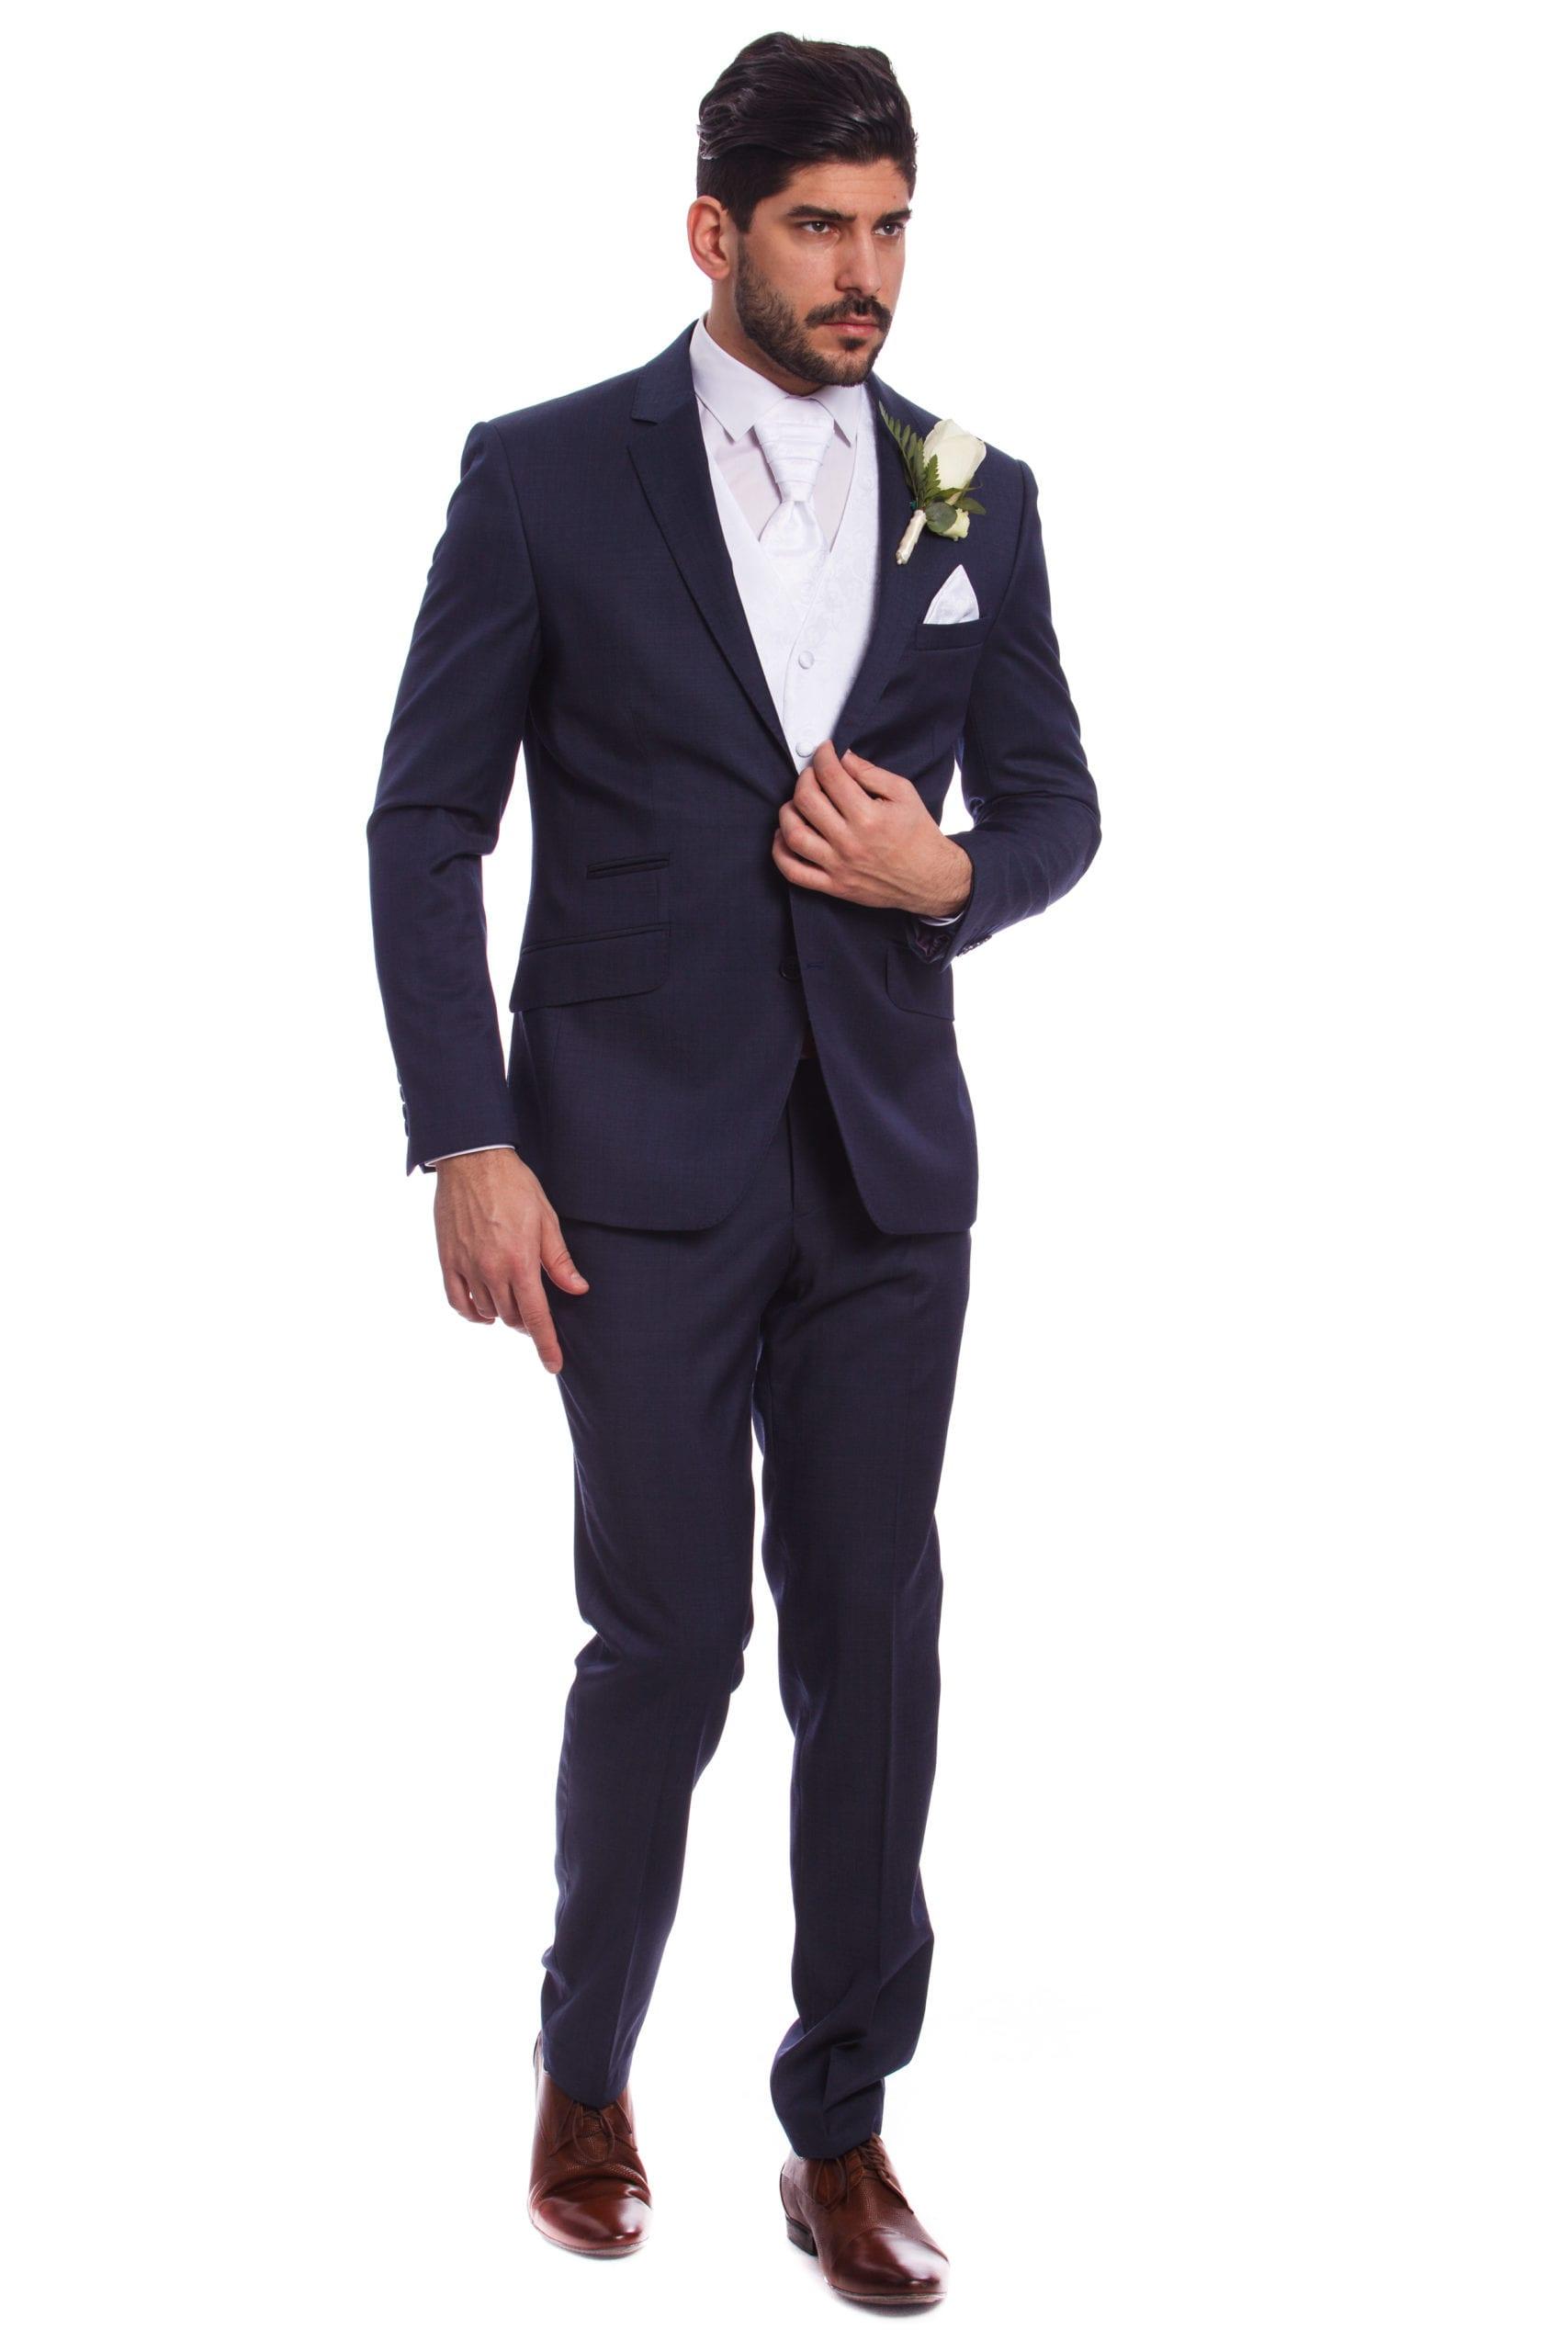 cec8deeb1e Fehér Mintás Esküvői Mellény Szett - Elite Fashion Öltönyház